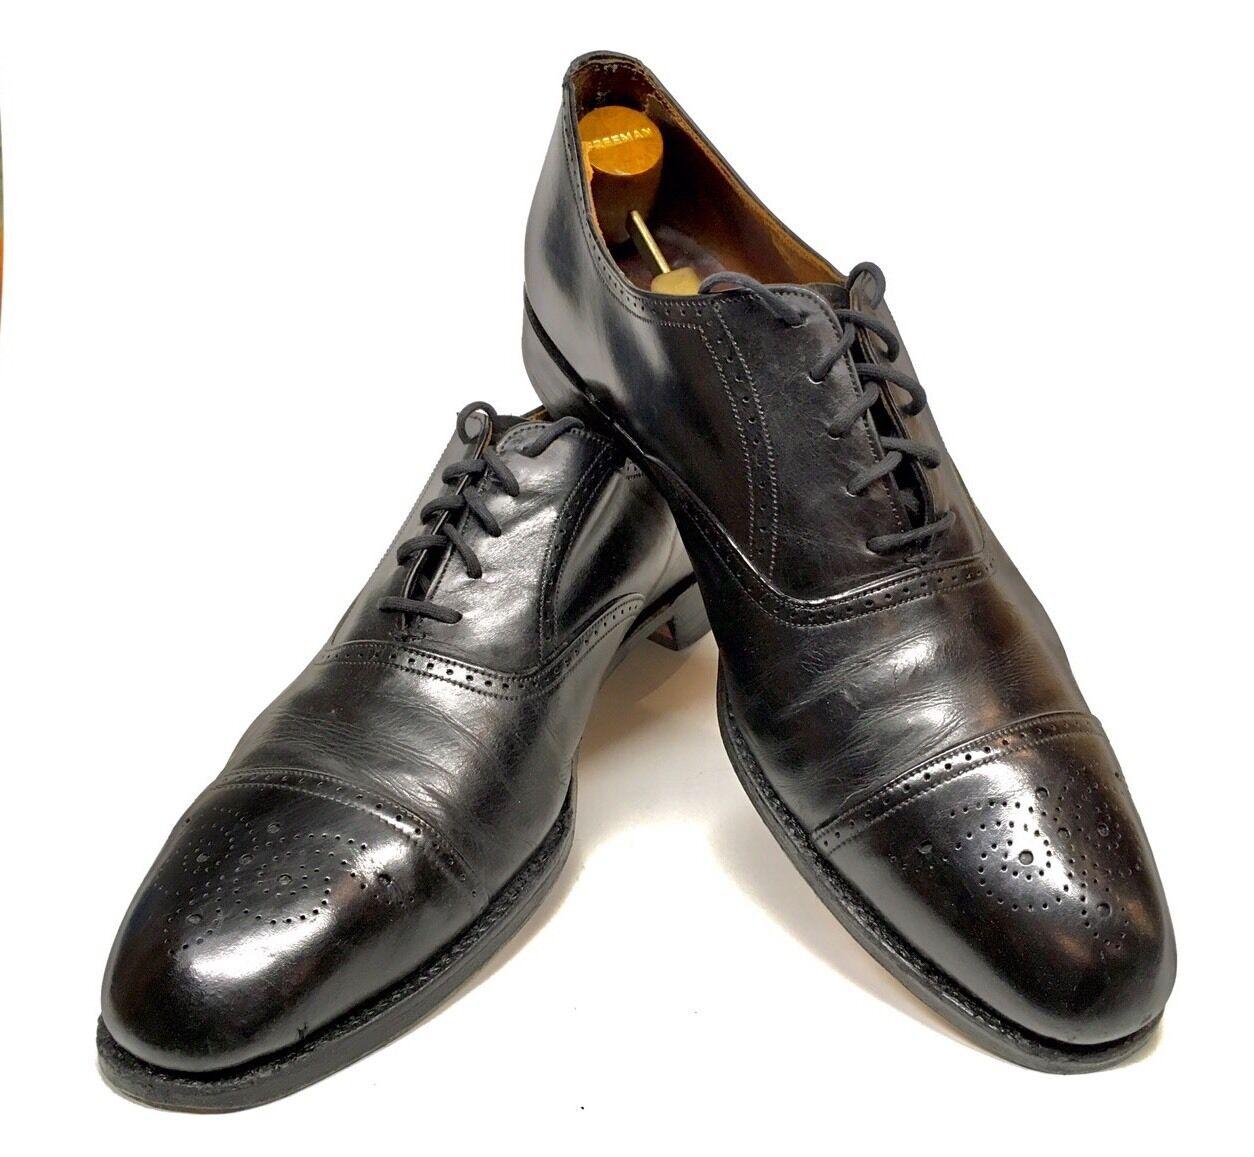 Tamaño 11.5 Royal Tweed Cheaney Of Inglaterra Zapatos Negros personalizado de grado Semi Brogue